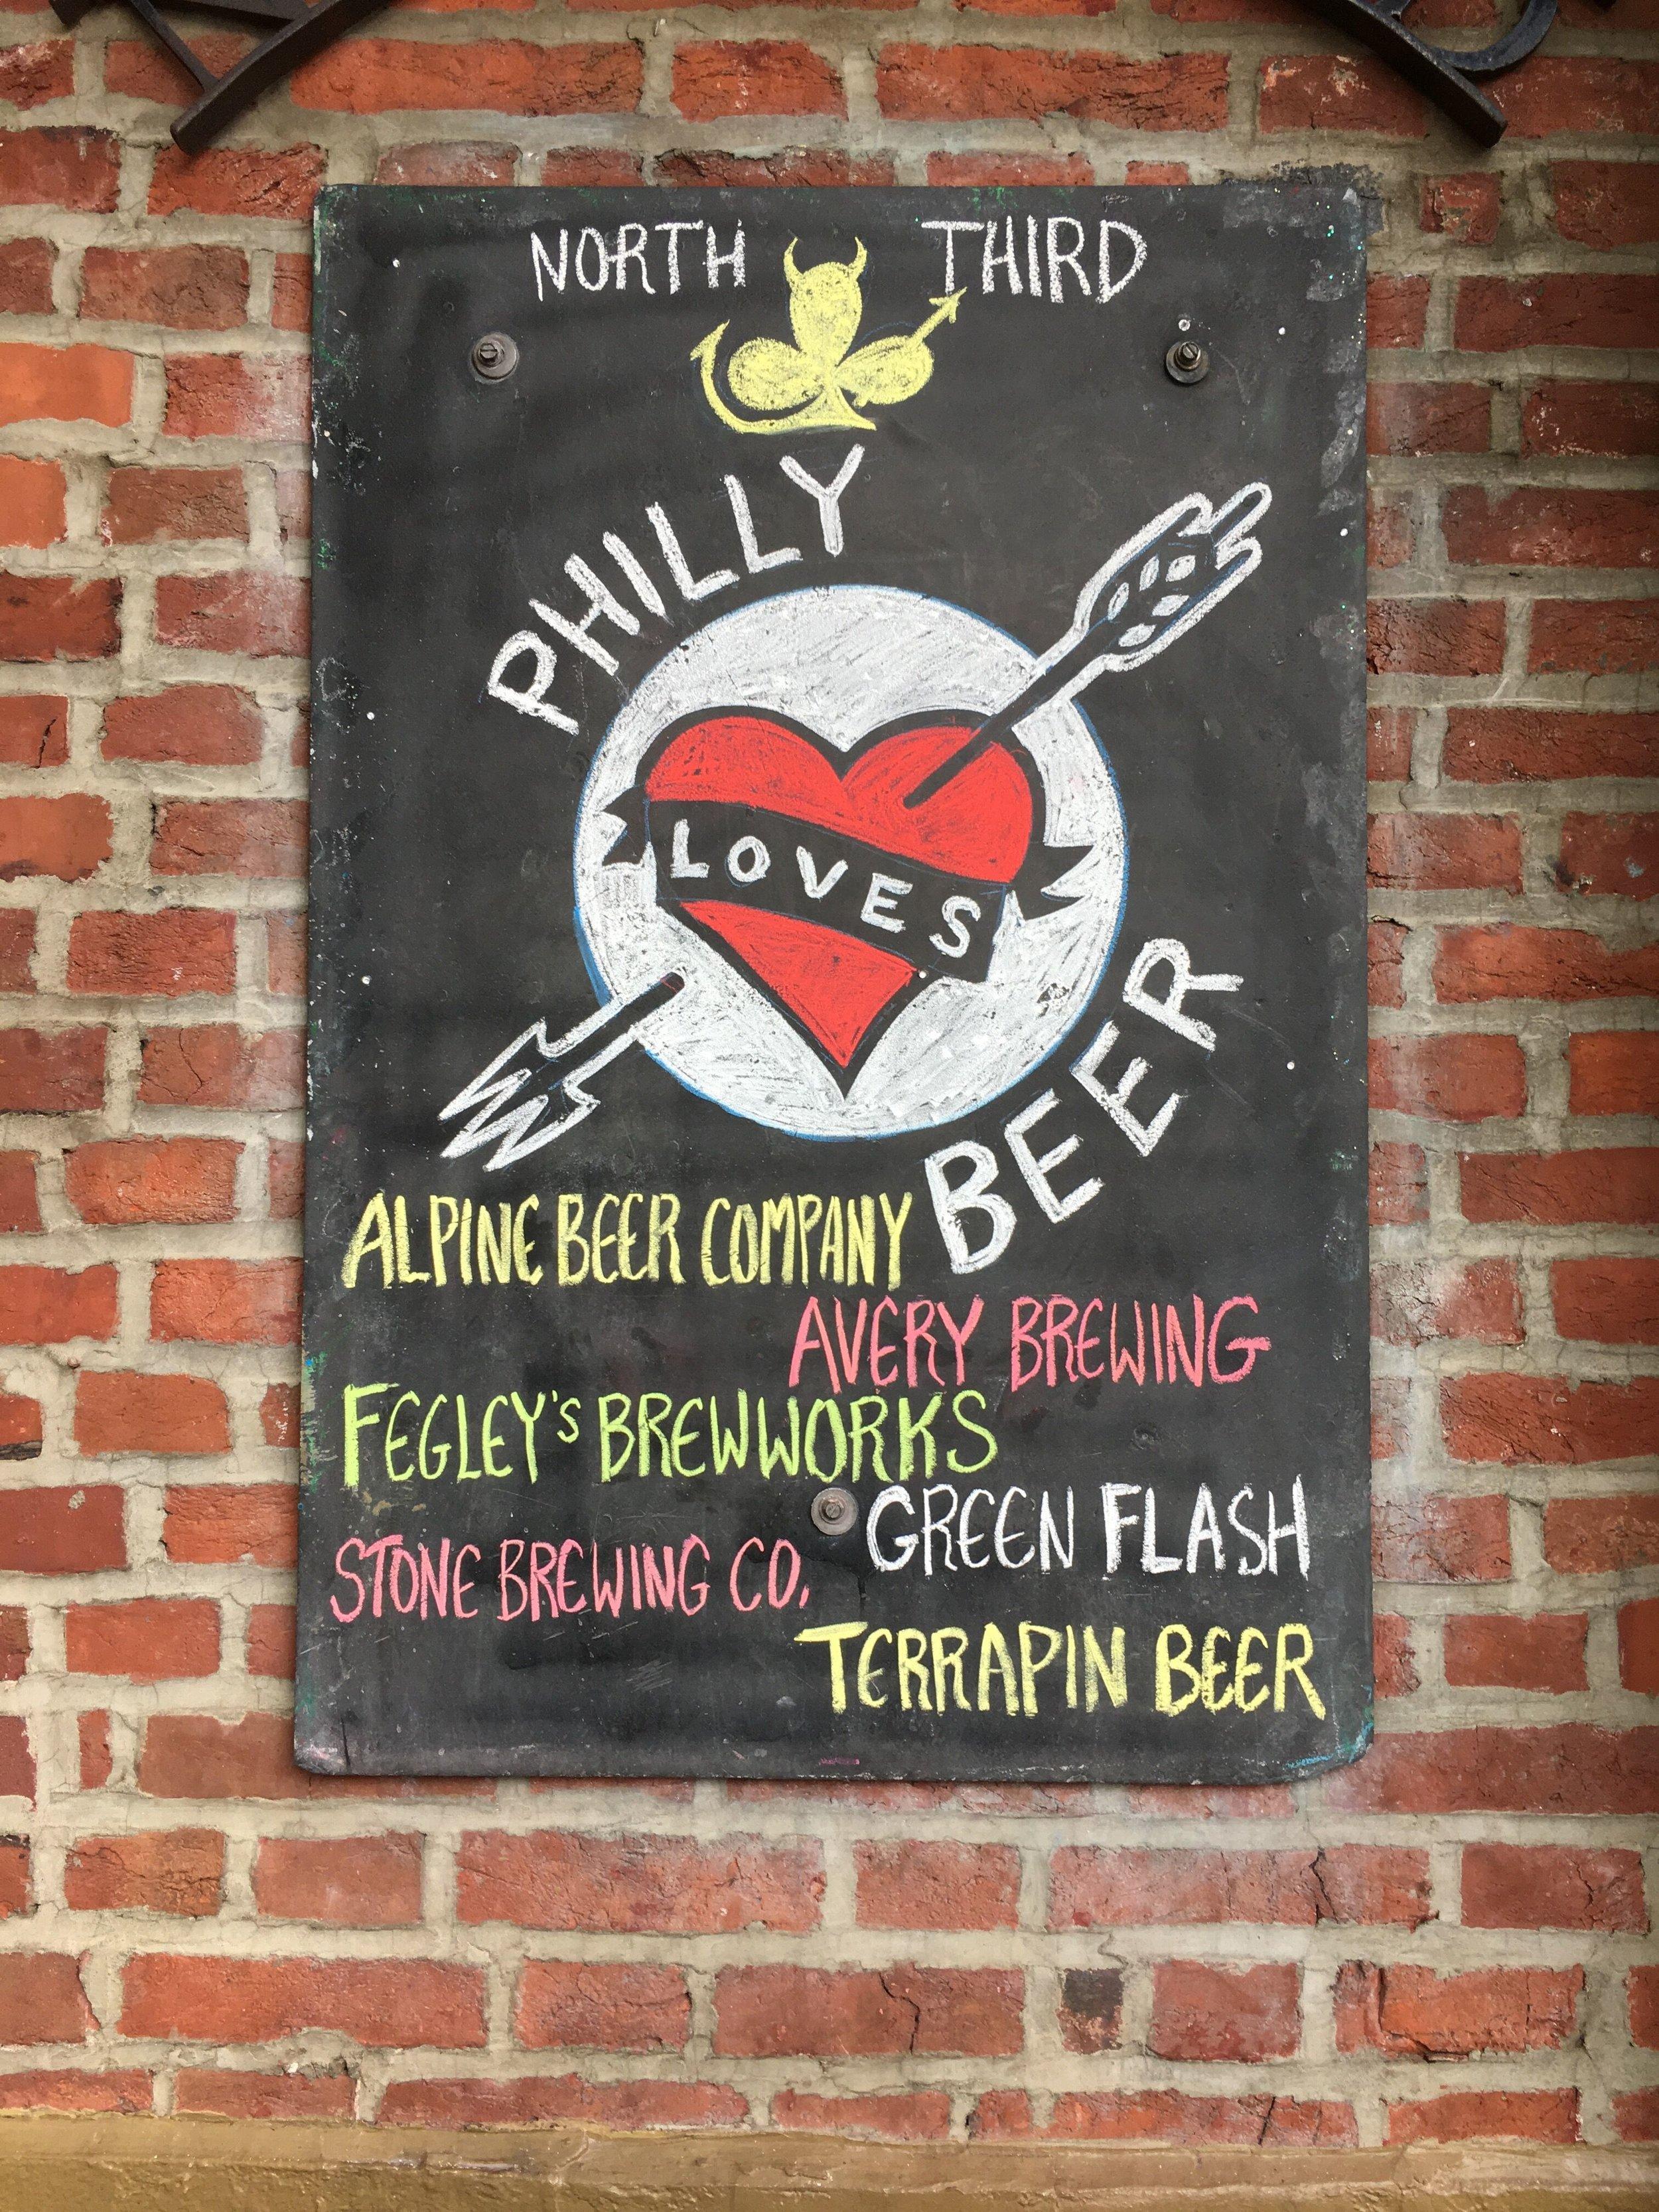 Philly Beer Week Signage